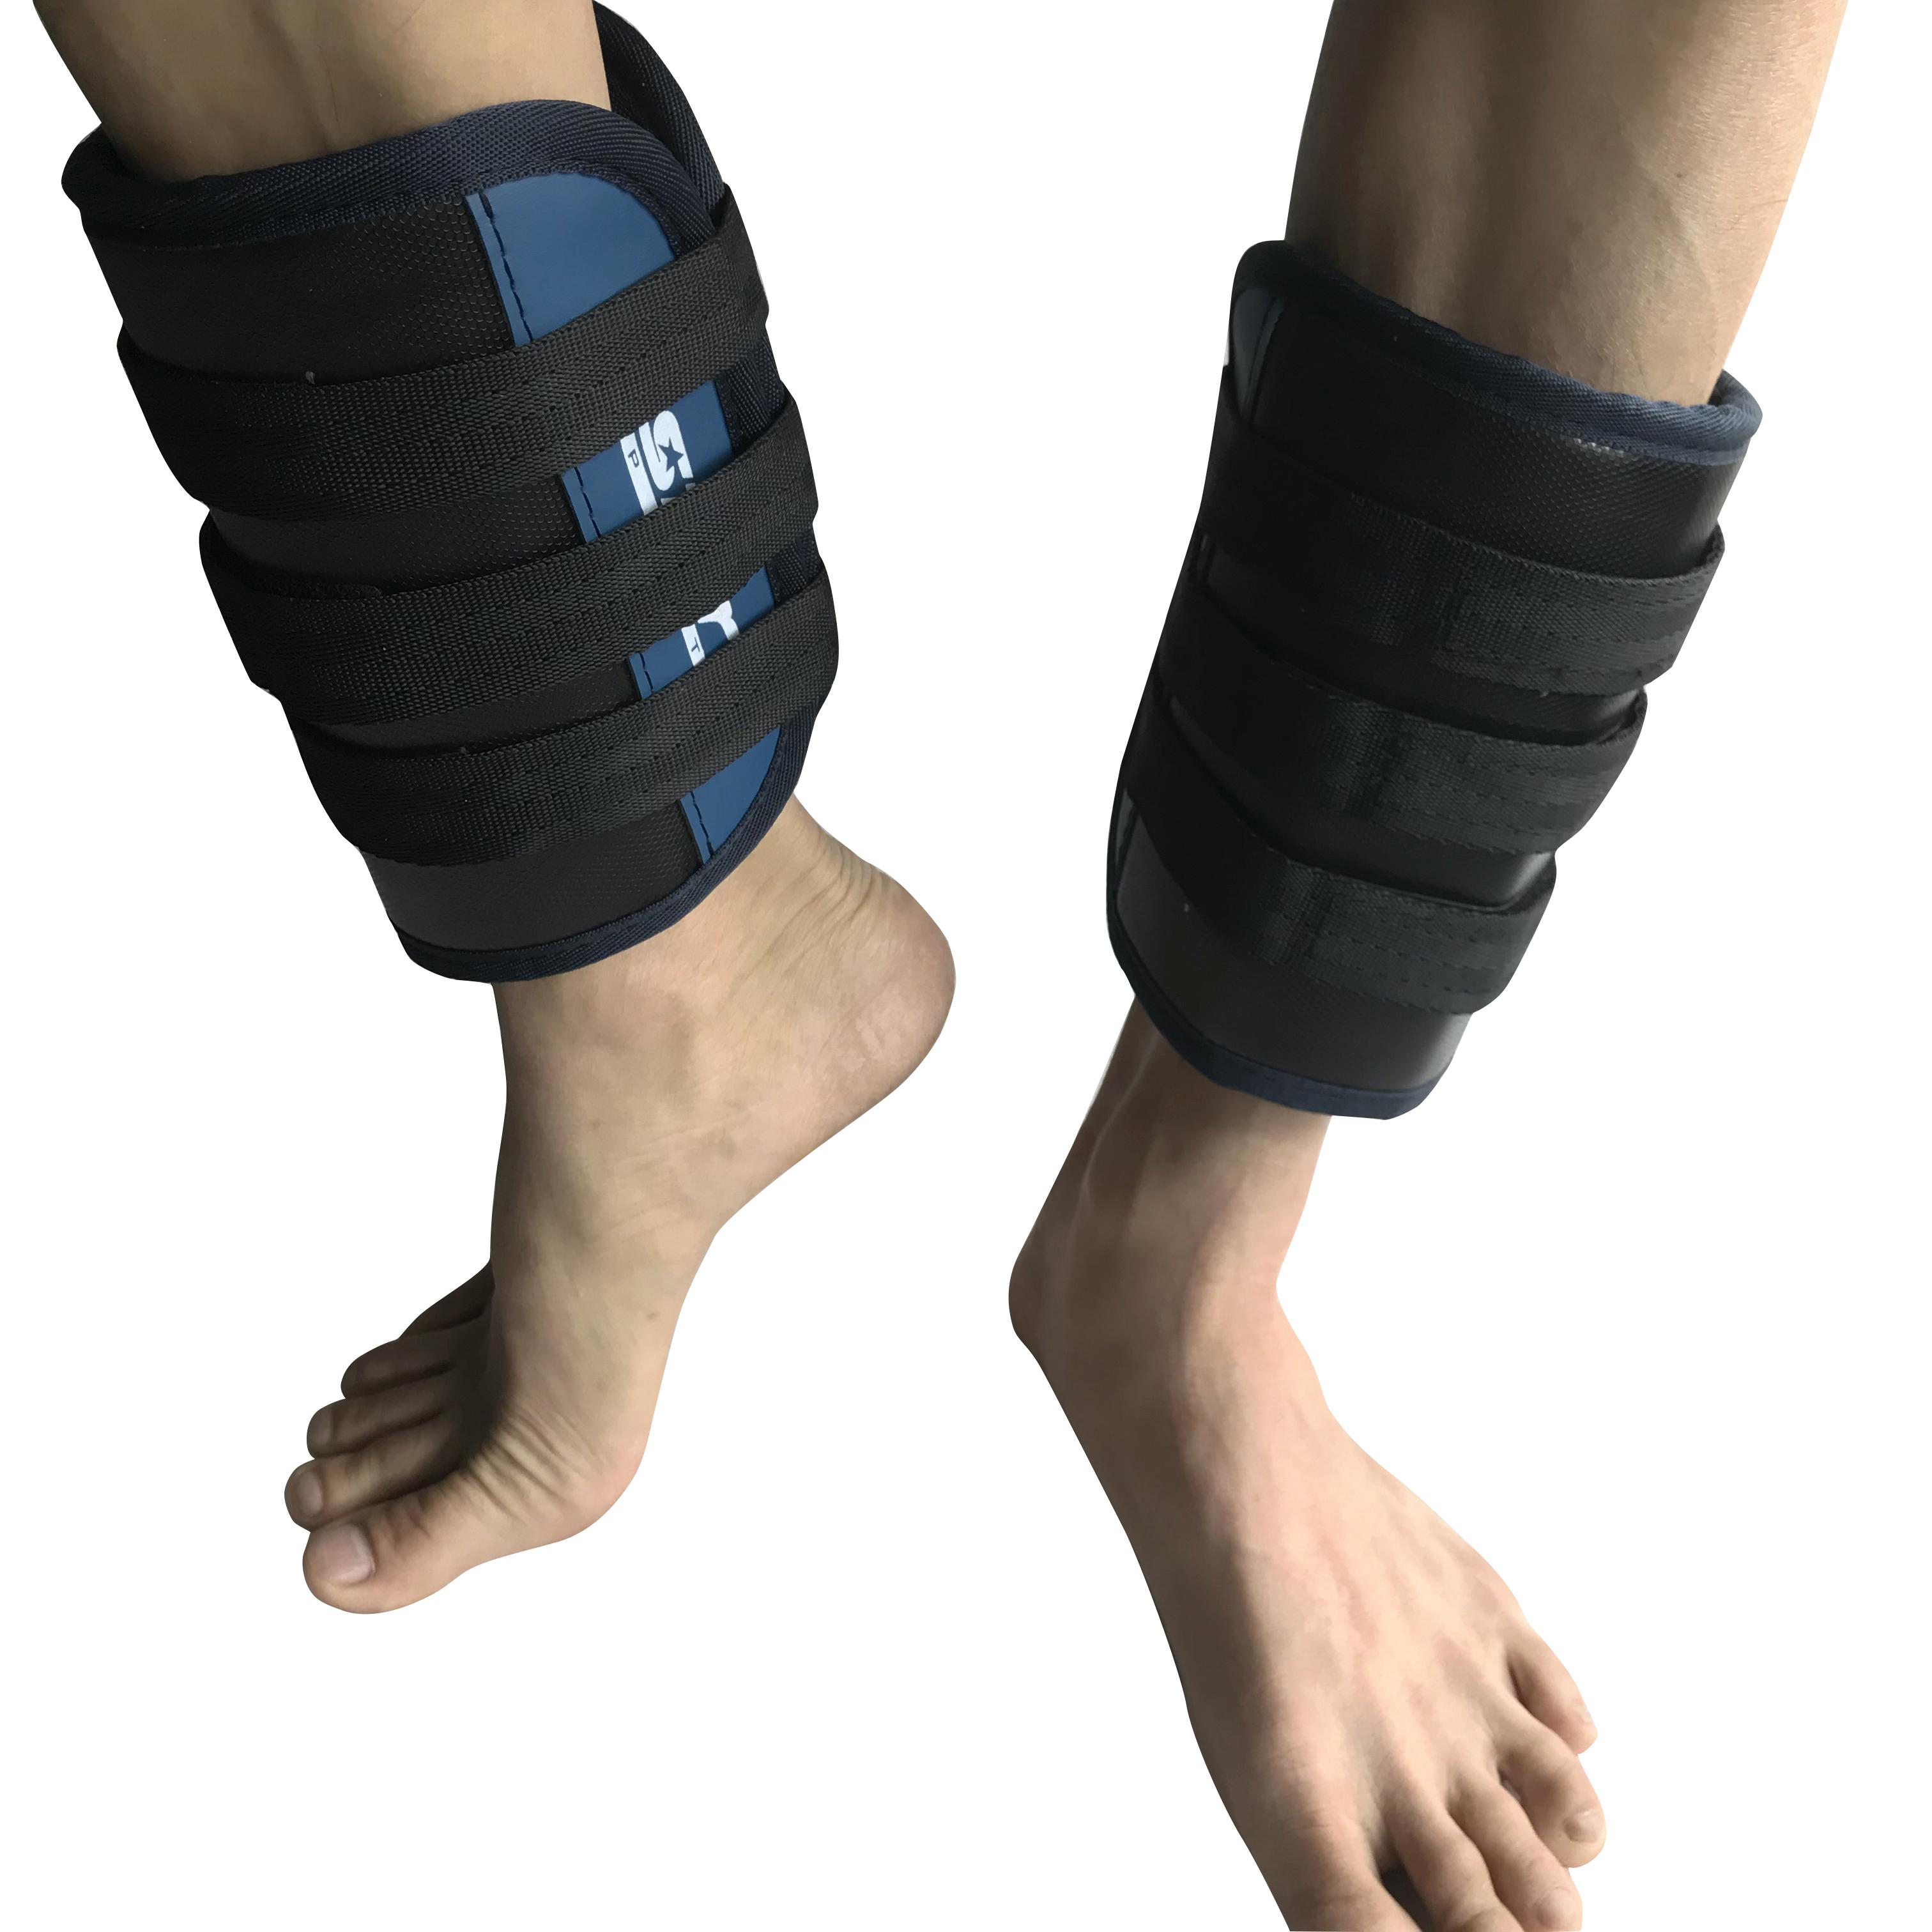 Chì Tạ đeo chân chạy bộ tập thể lực giảm cân hiệu quả 4kg một cặp